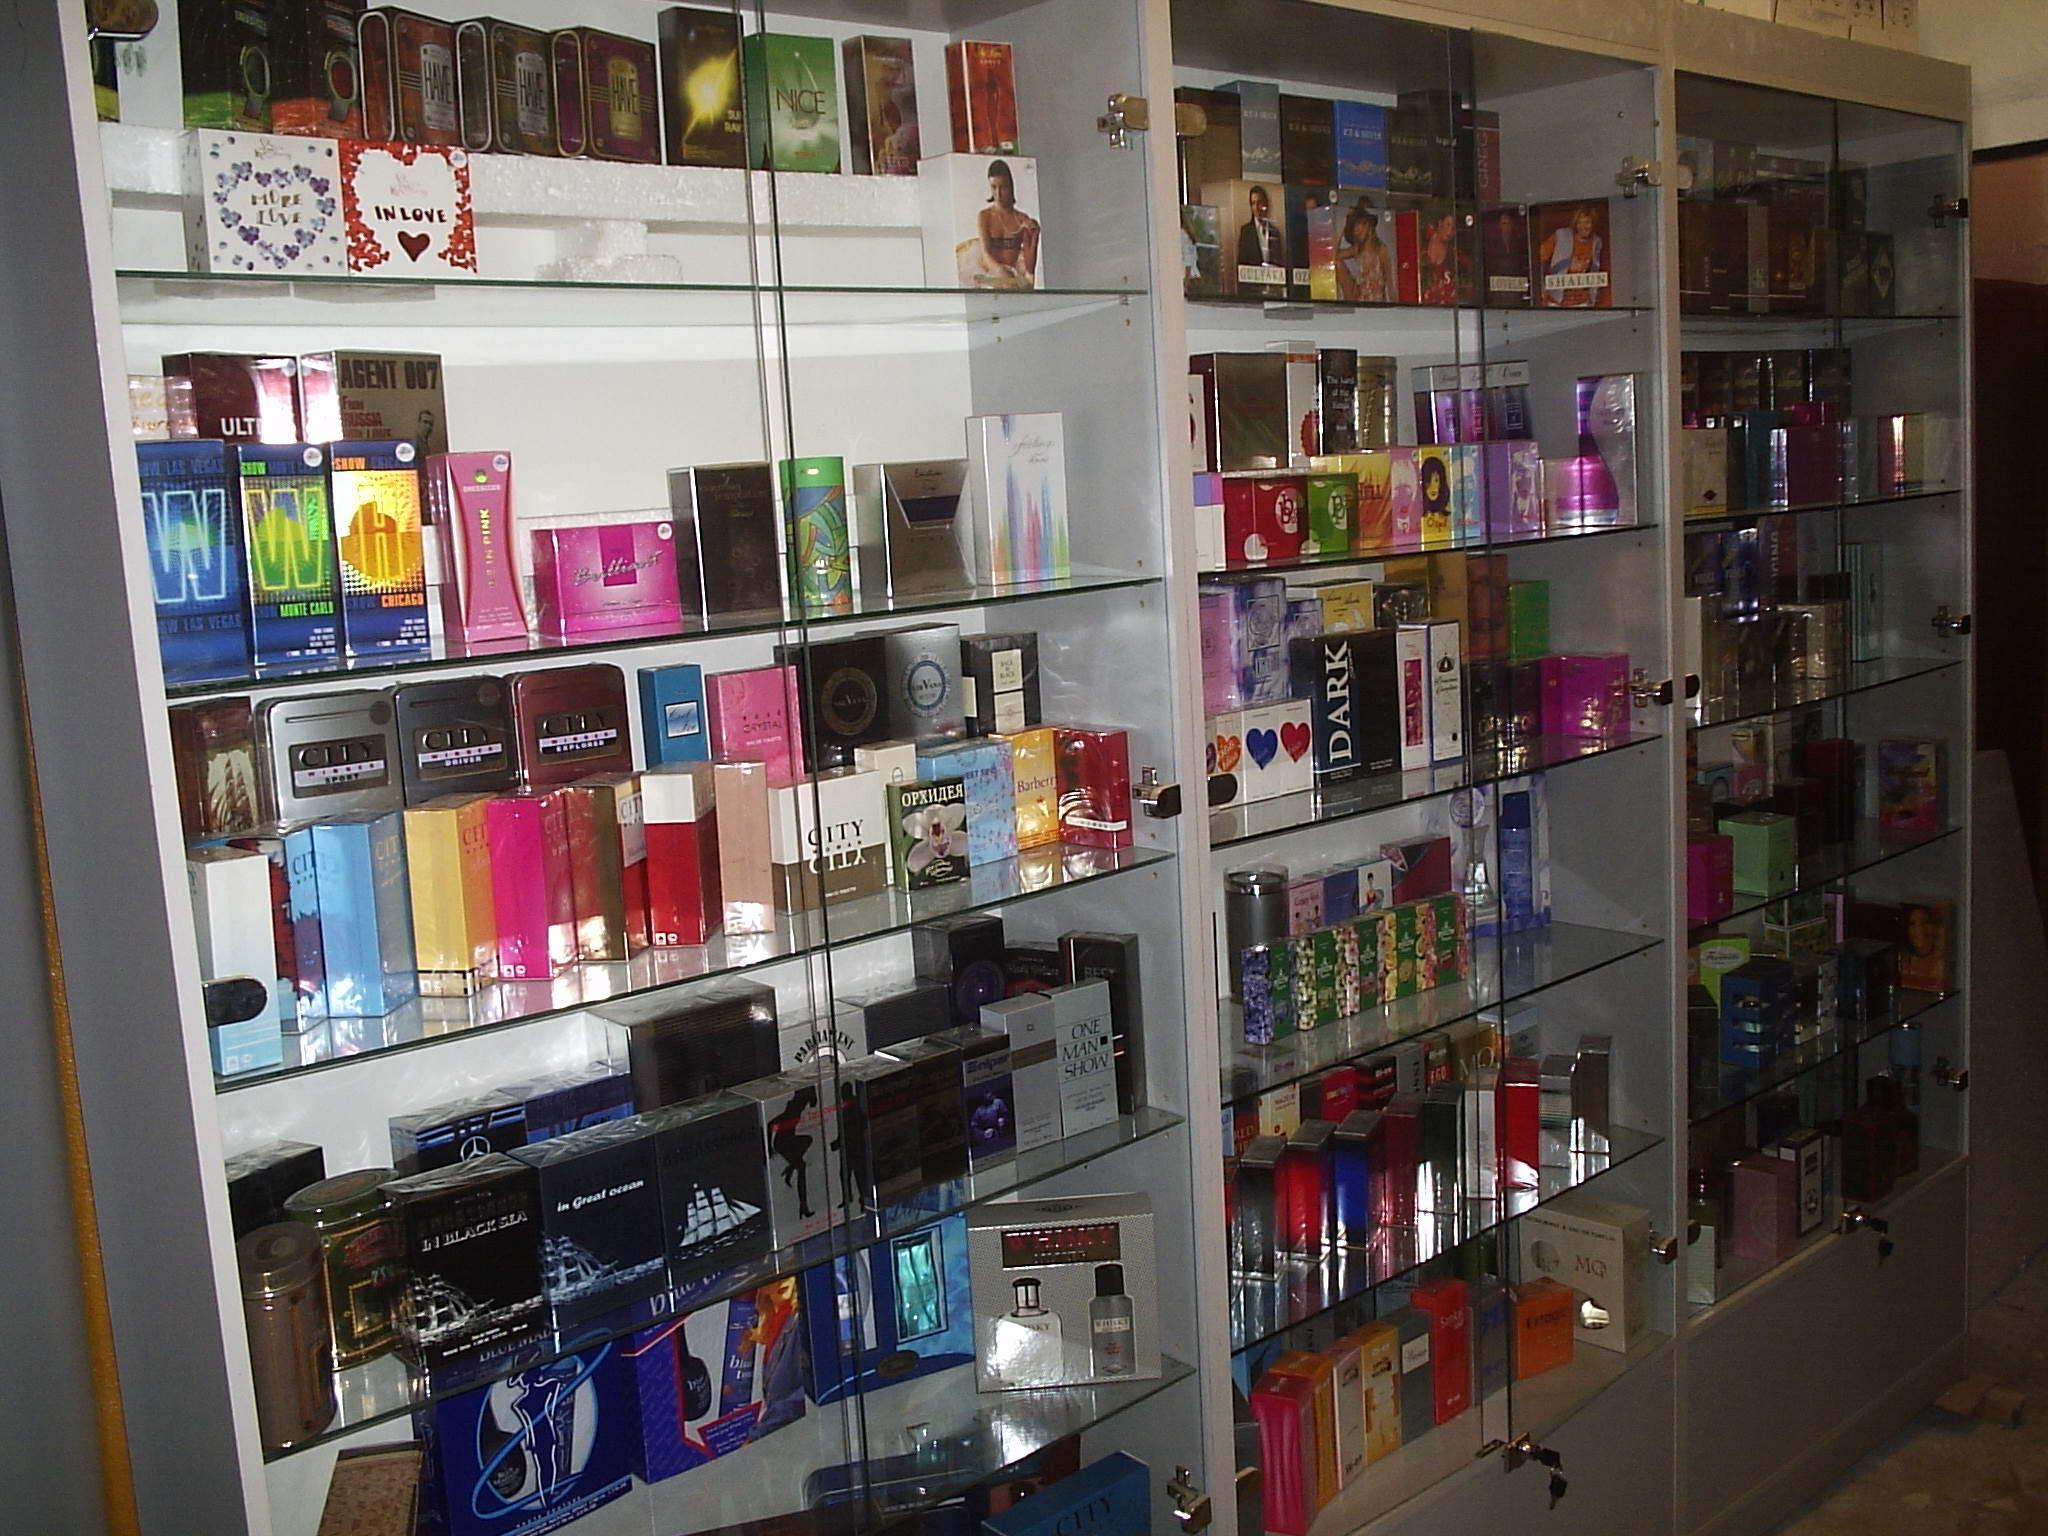 Желаете сэкономить купить оптом косметику nyx дешево парфюм акцент.